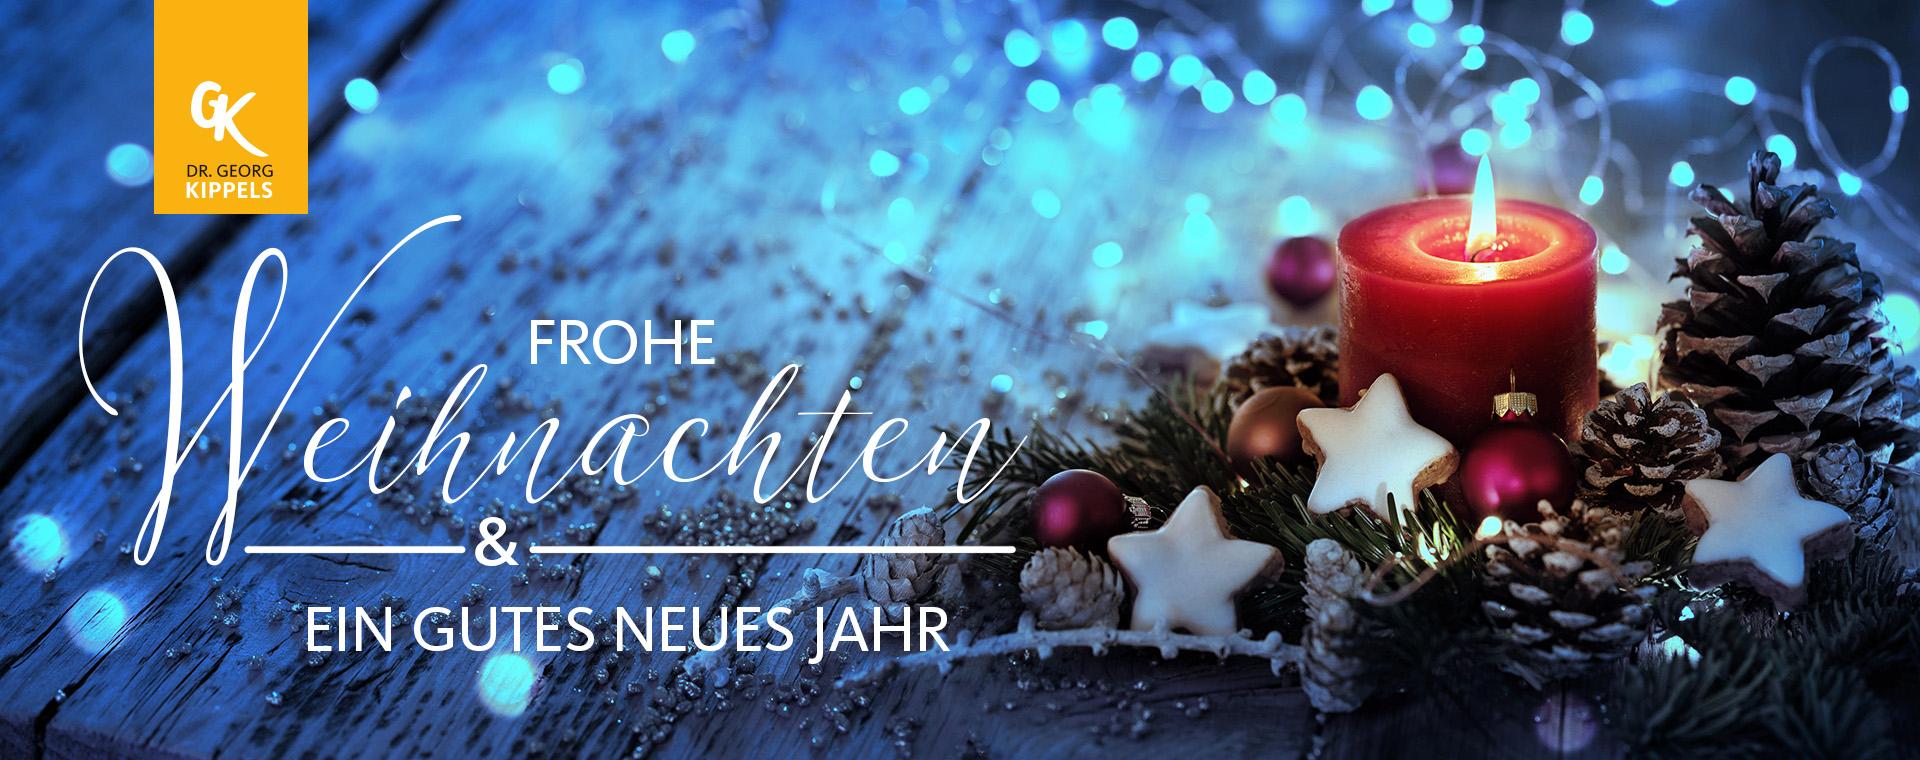 19kw51_Weihnachtswuensche_307031102